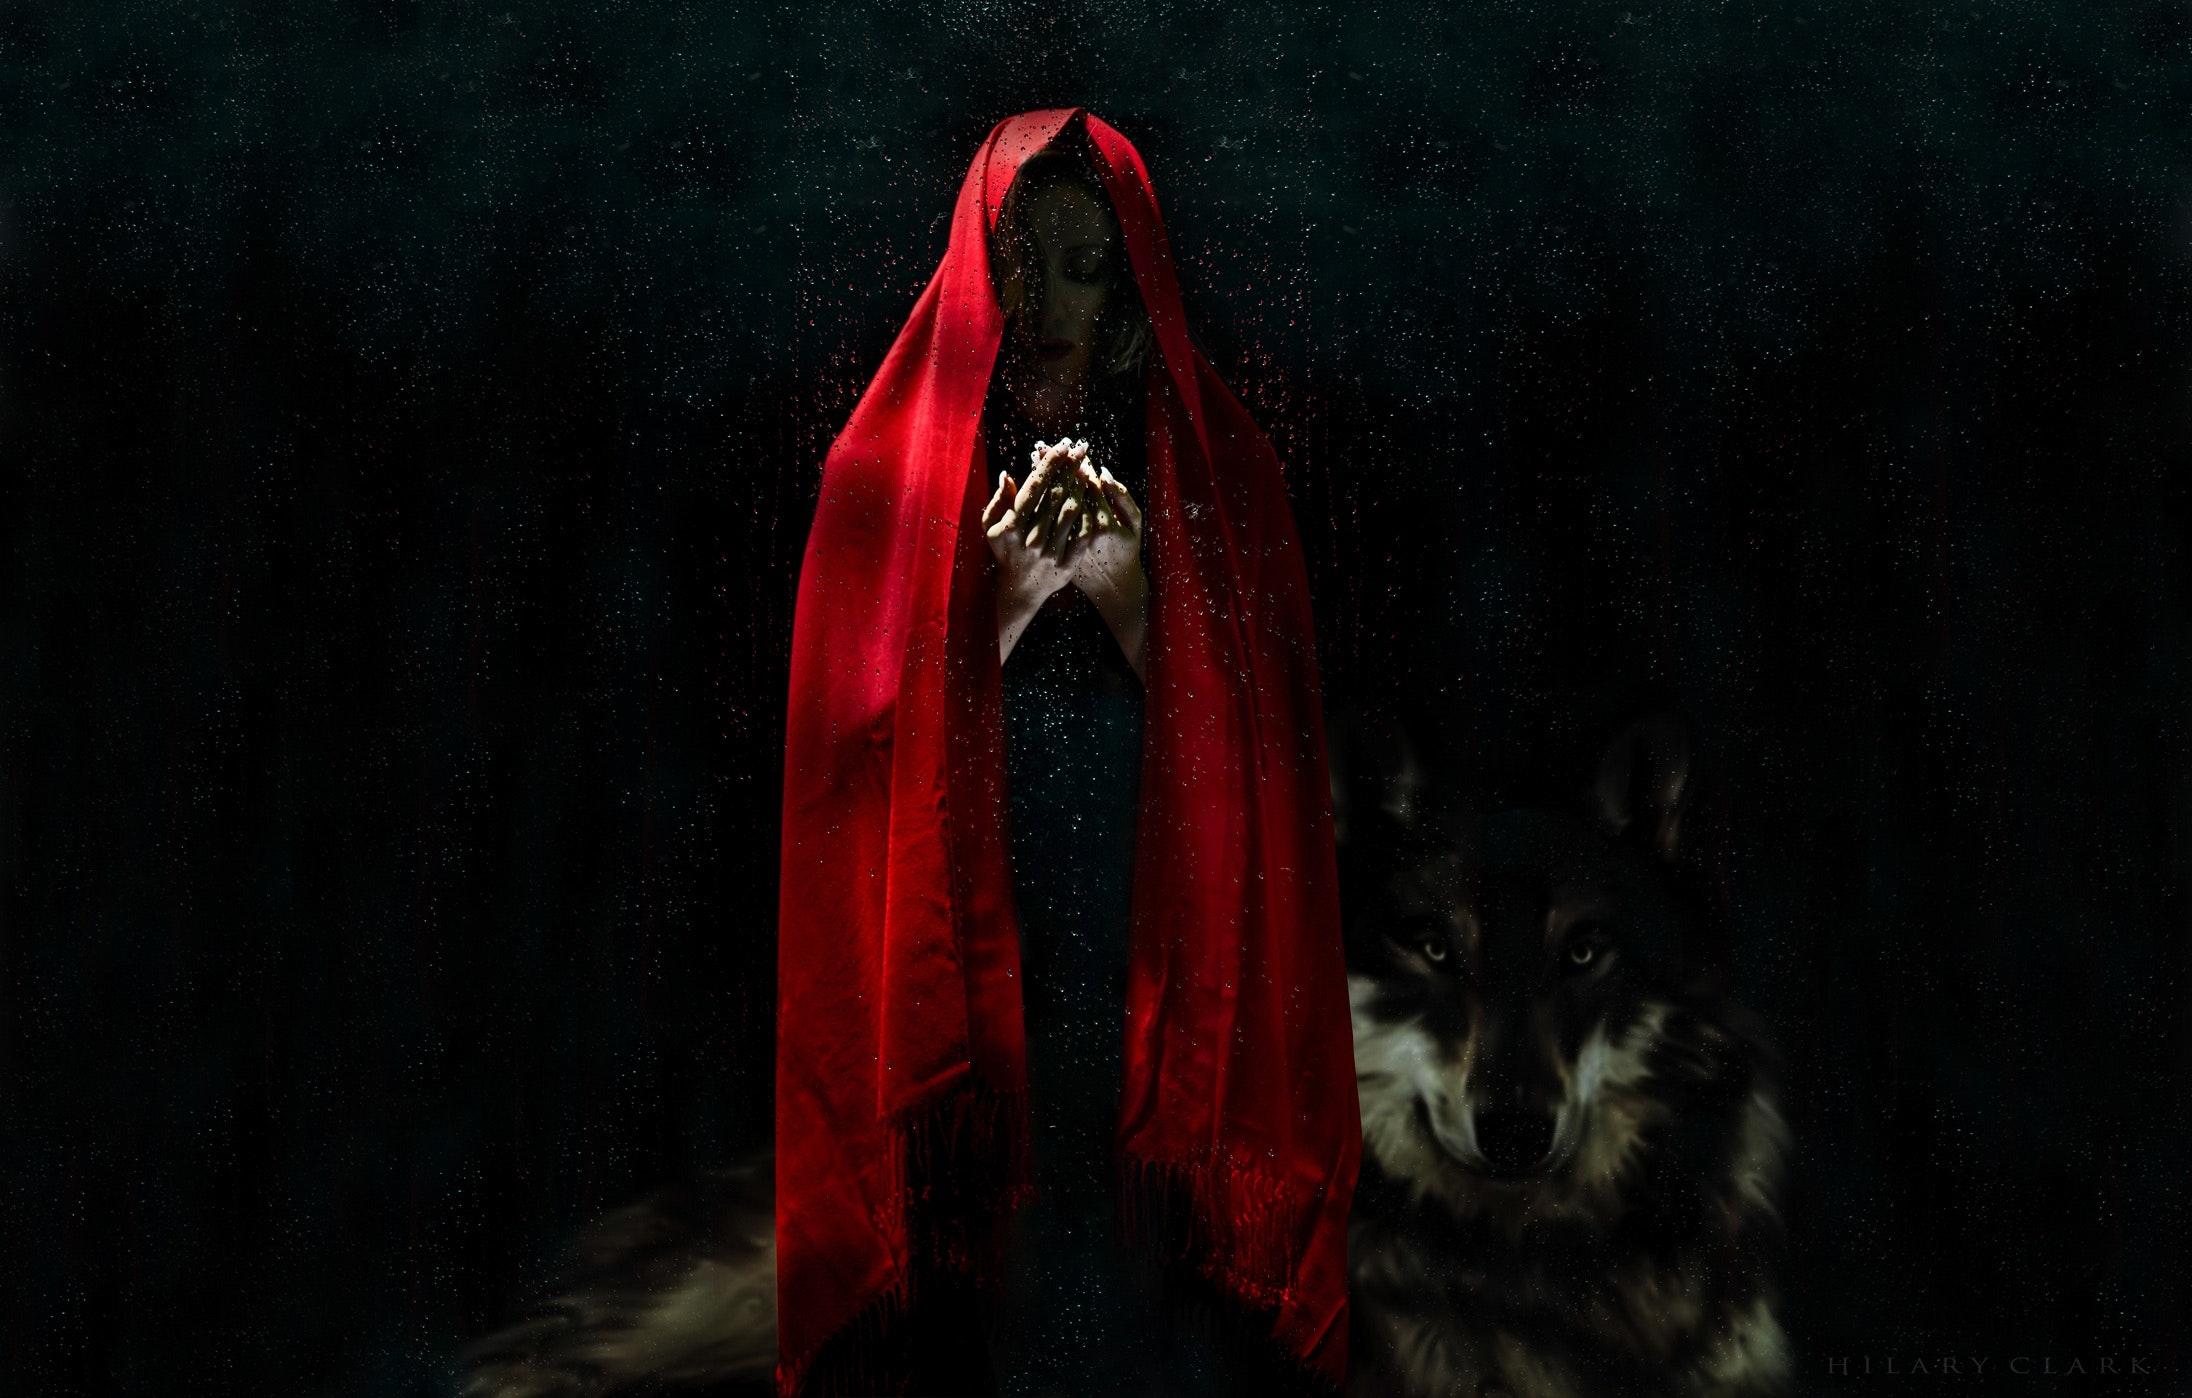 art-creepy-dark-259591